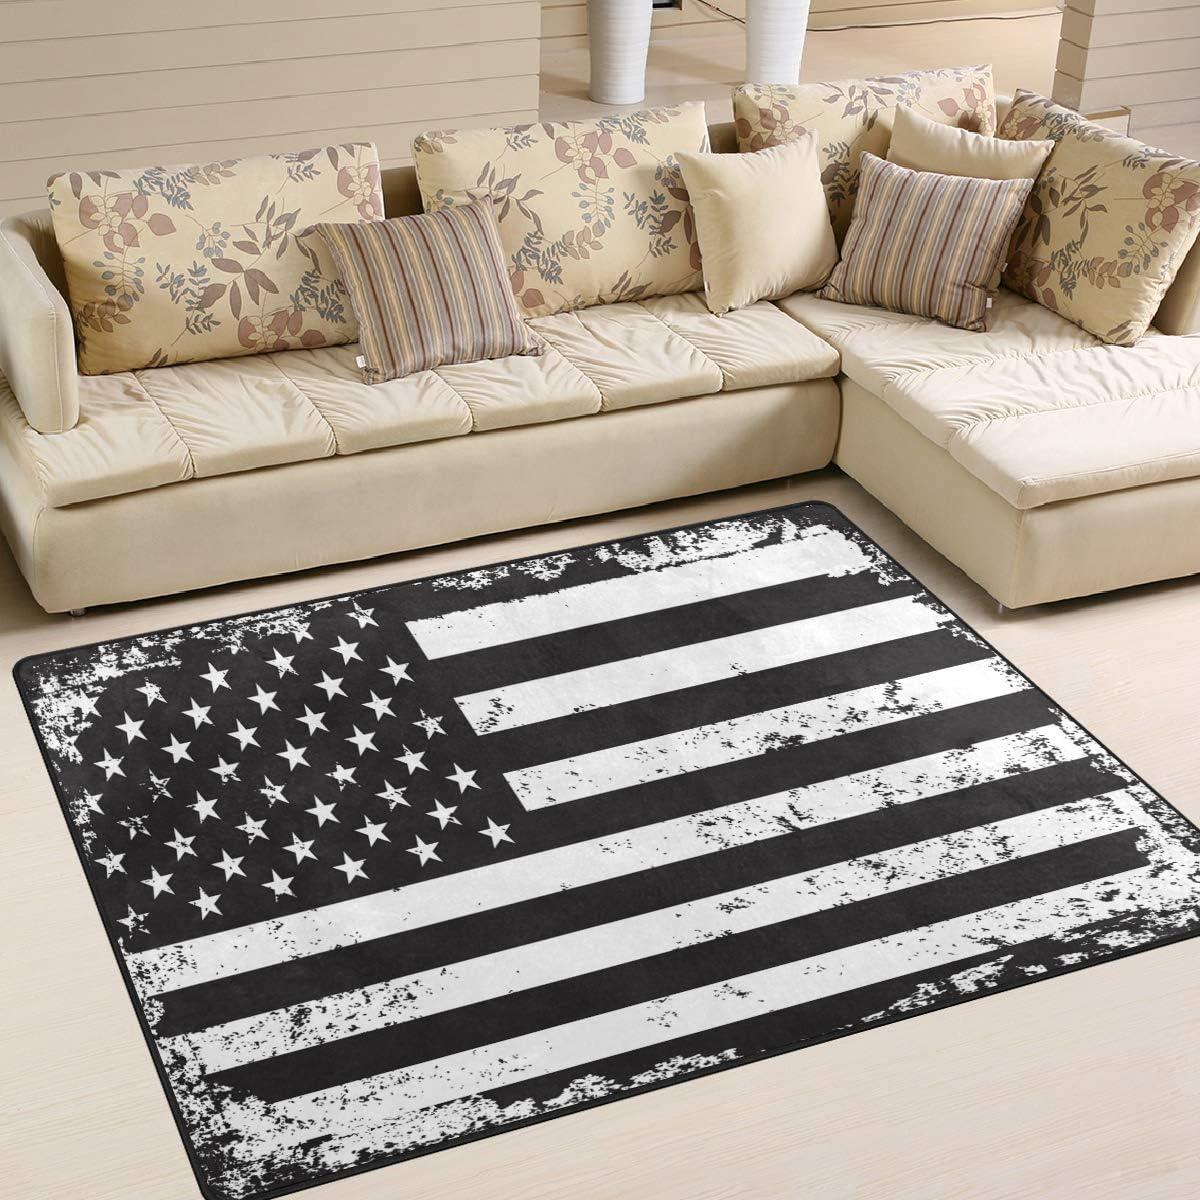 Use7 Alfombra de dise?o Vintage con Bandera de Estados Unidos, Color Blanco y Negro, Tela, 203cm x 147.3cm(7 x 5 Feet): Amazon.es: Hogar